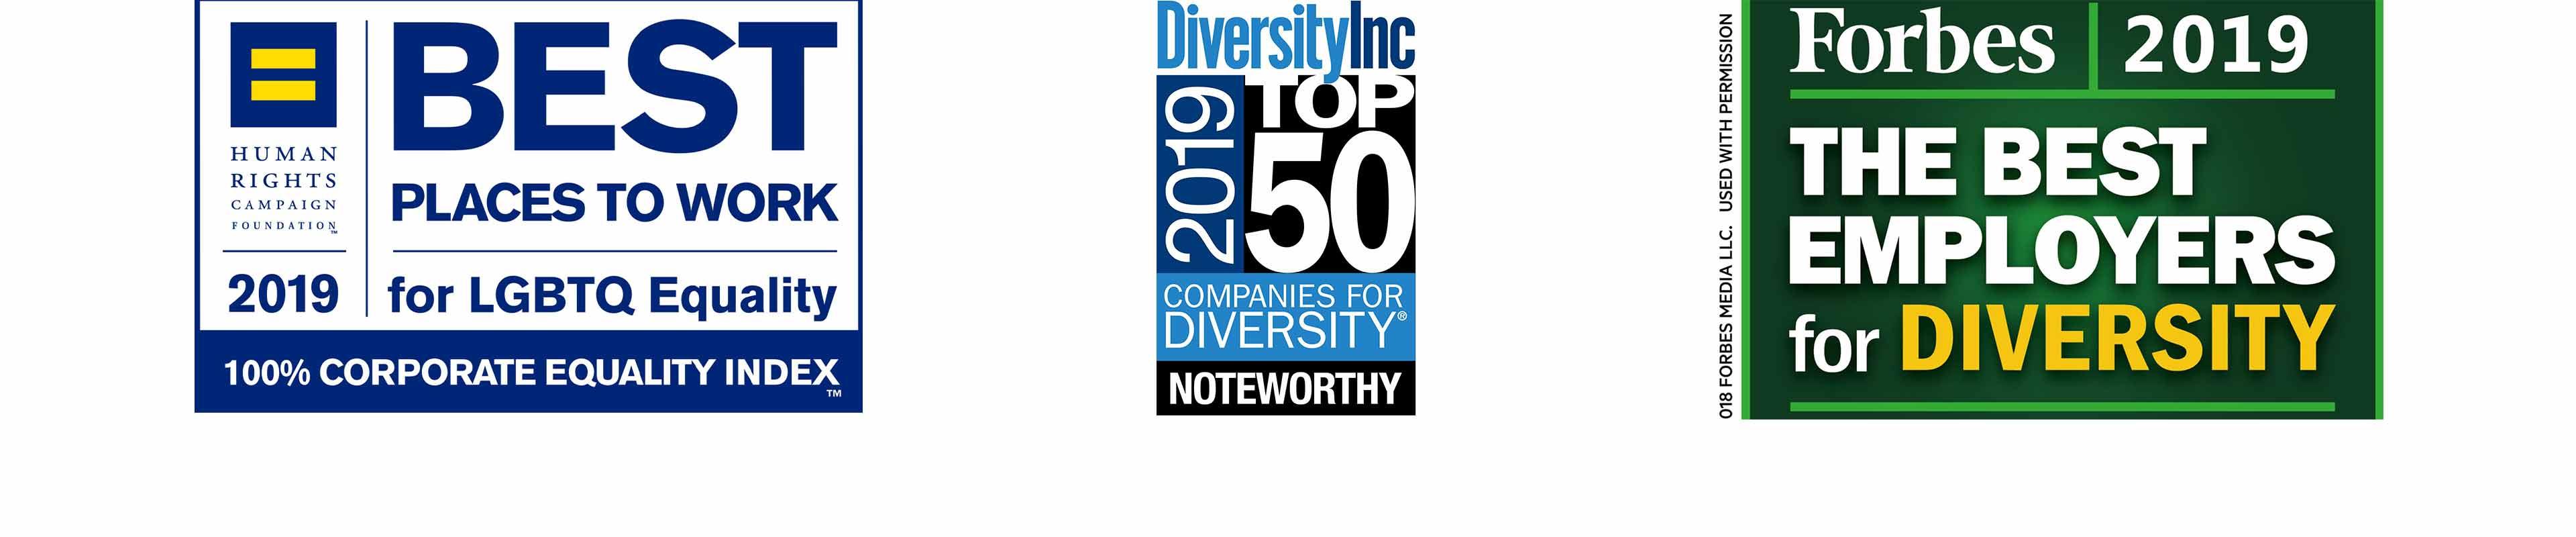 Diversity Awards Logos 2019